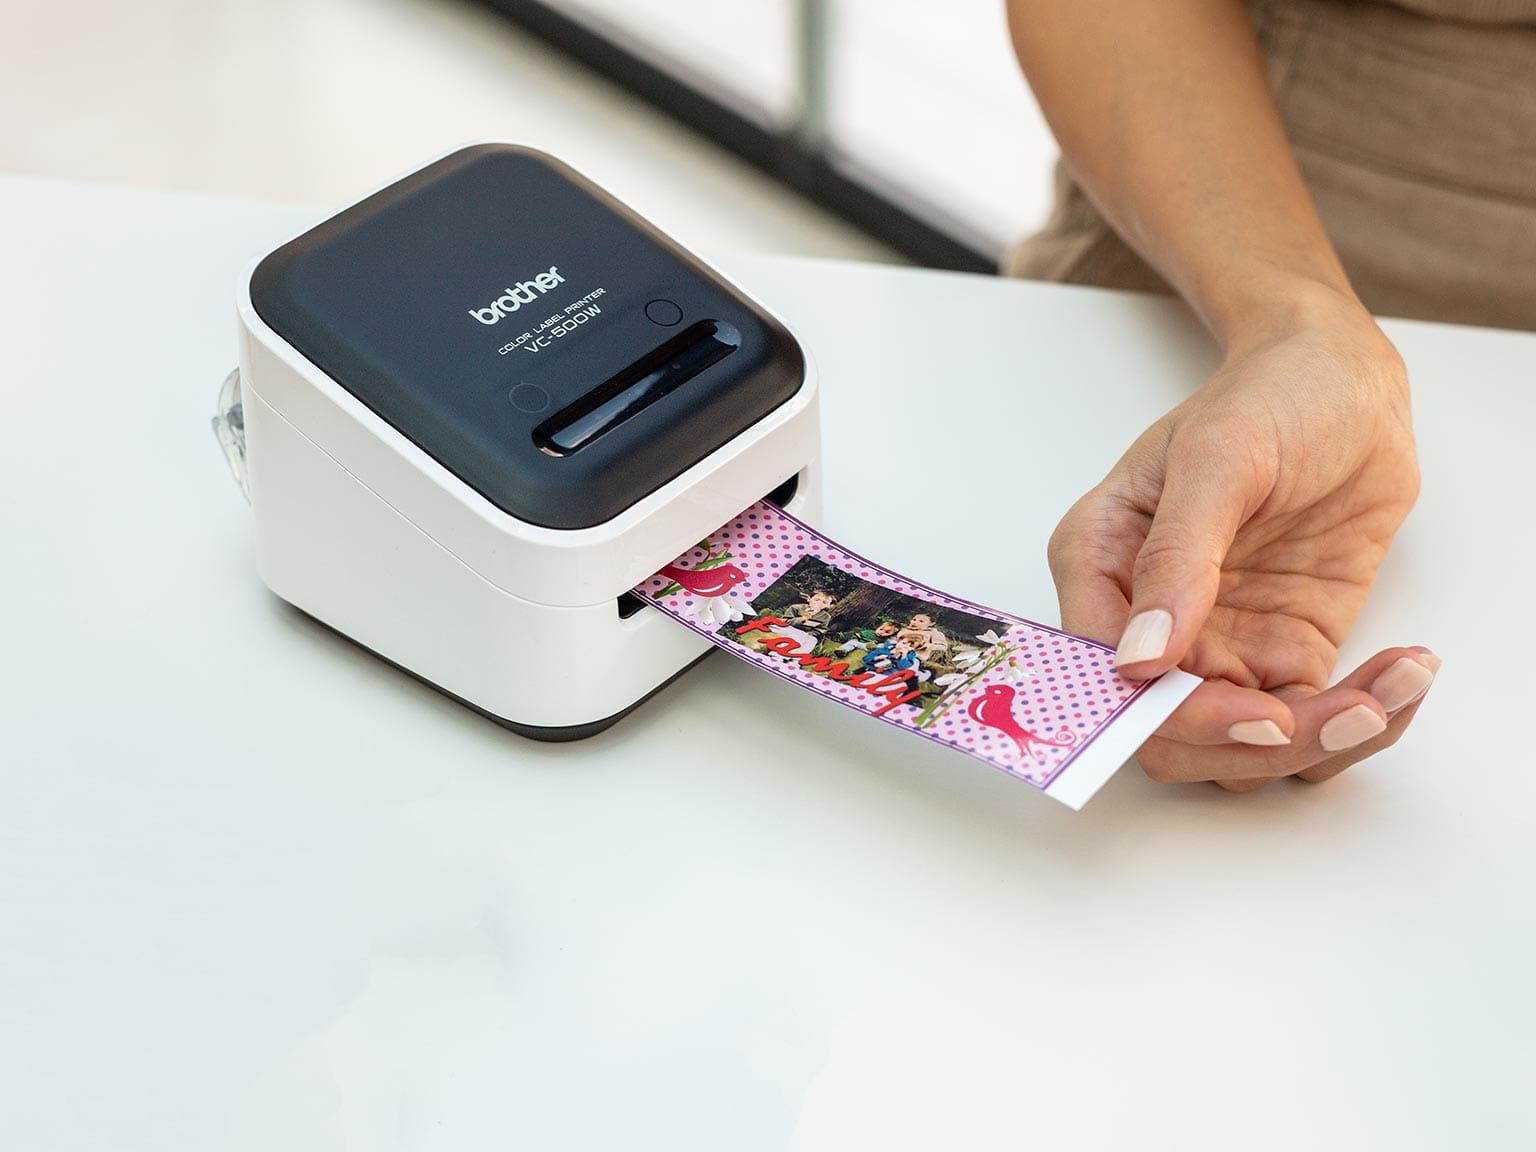 Brother VC-500W pisač u boji ispisuje široku naljepnicu koja uključuje fotografiju